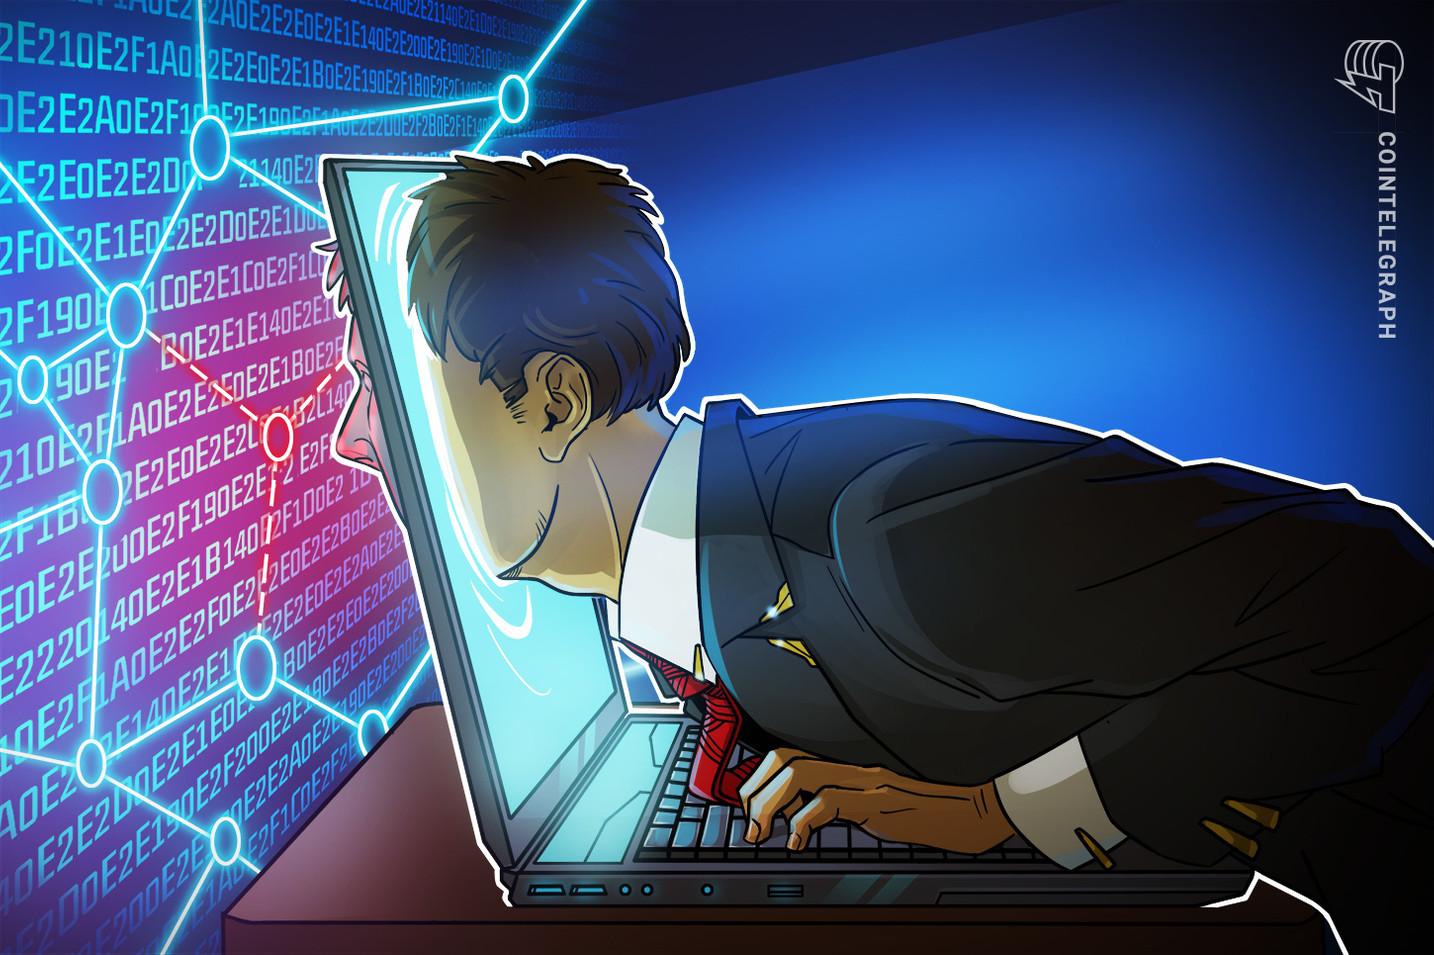 BlockFi distribuisce per sbaglio troppi Bitcoin ad alcuni utenti